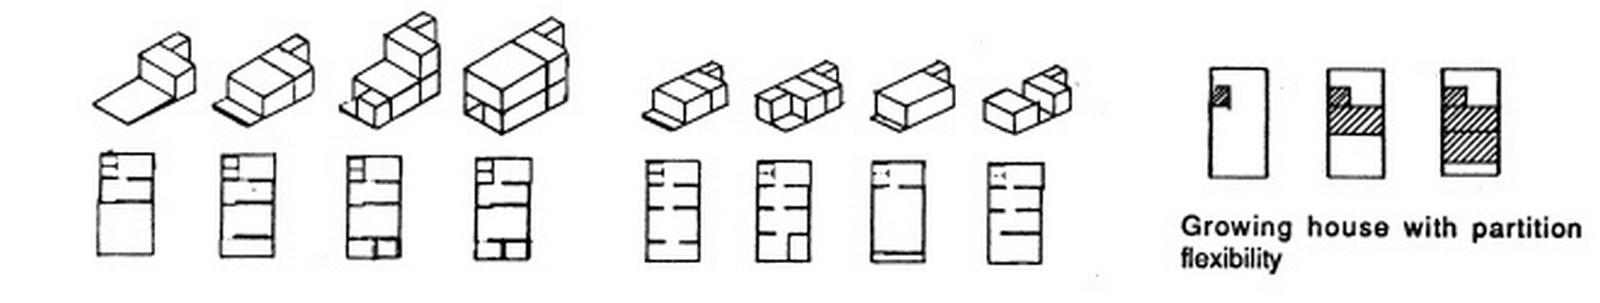 Aranya Low-cost Housing by B.V Doshi Low-cost urban housing - Sheet7